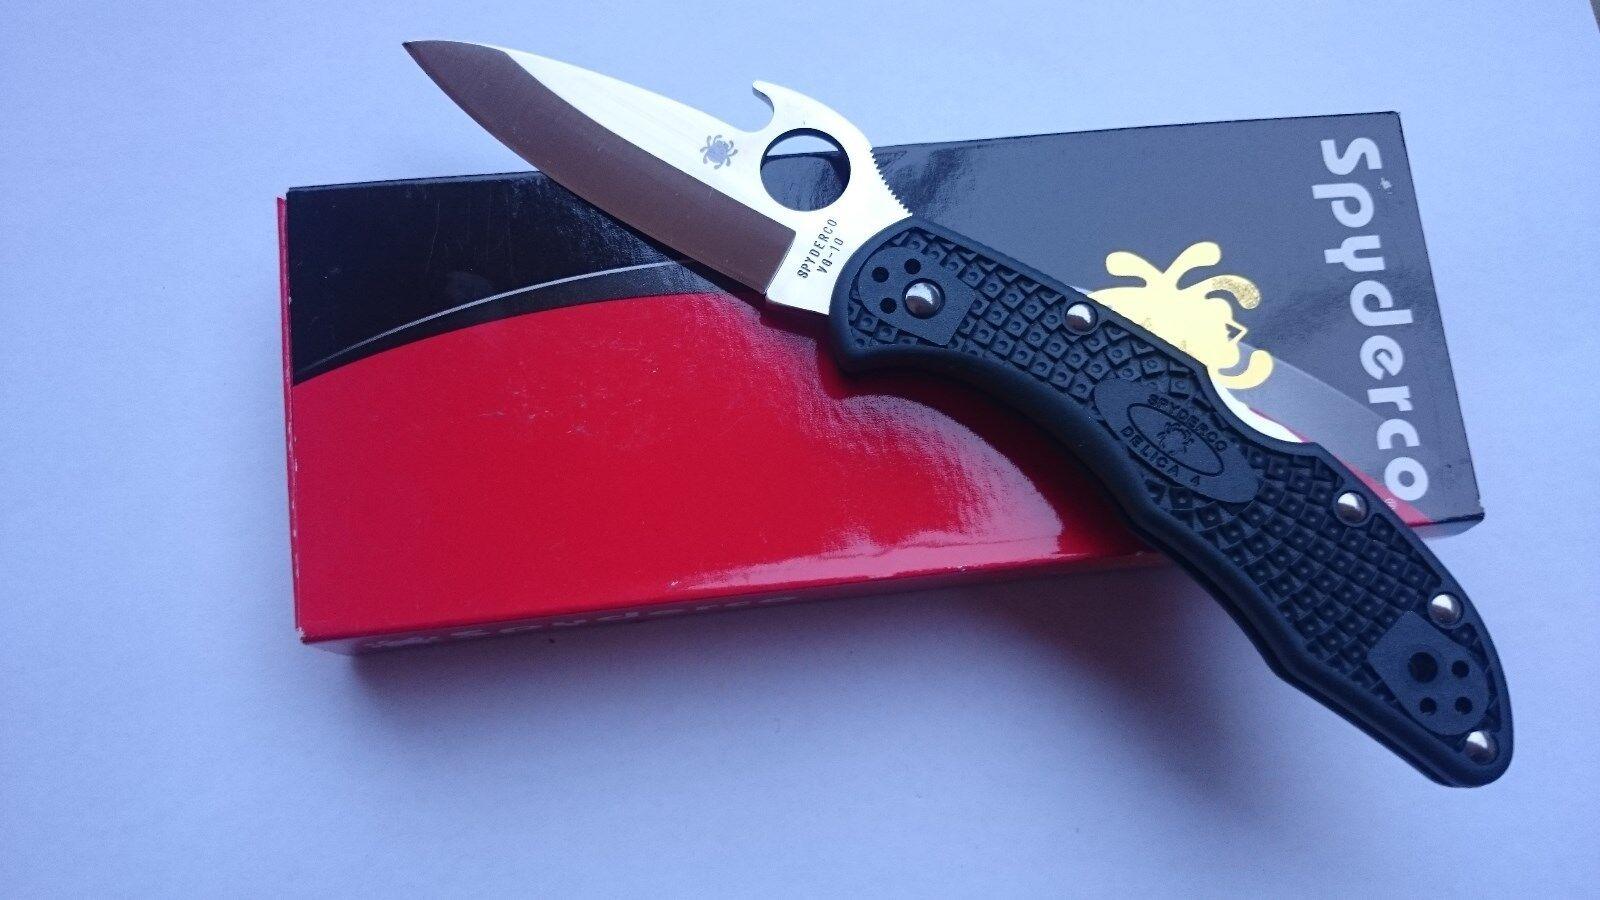 SPYDERCO DELICA 4 WAVE Lightweight Emerson Opener Taschenmesser Klappmesser